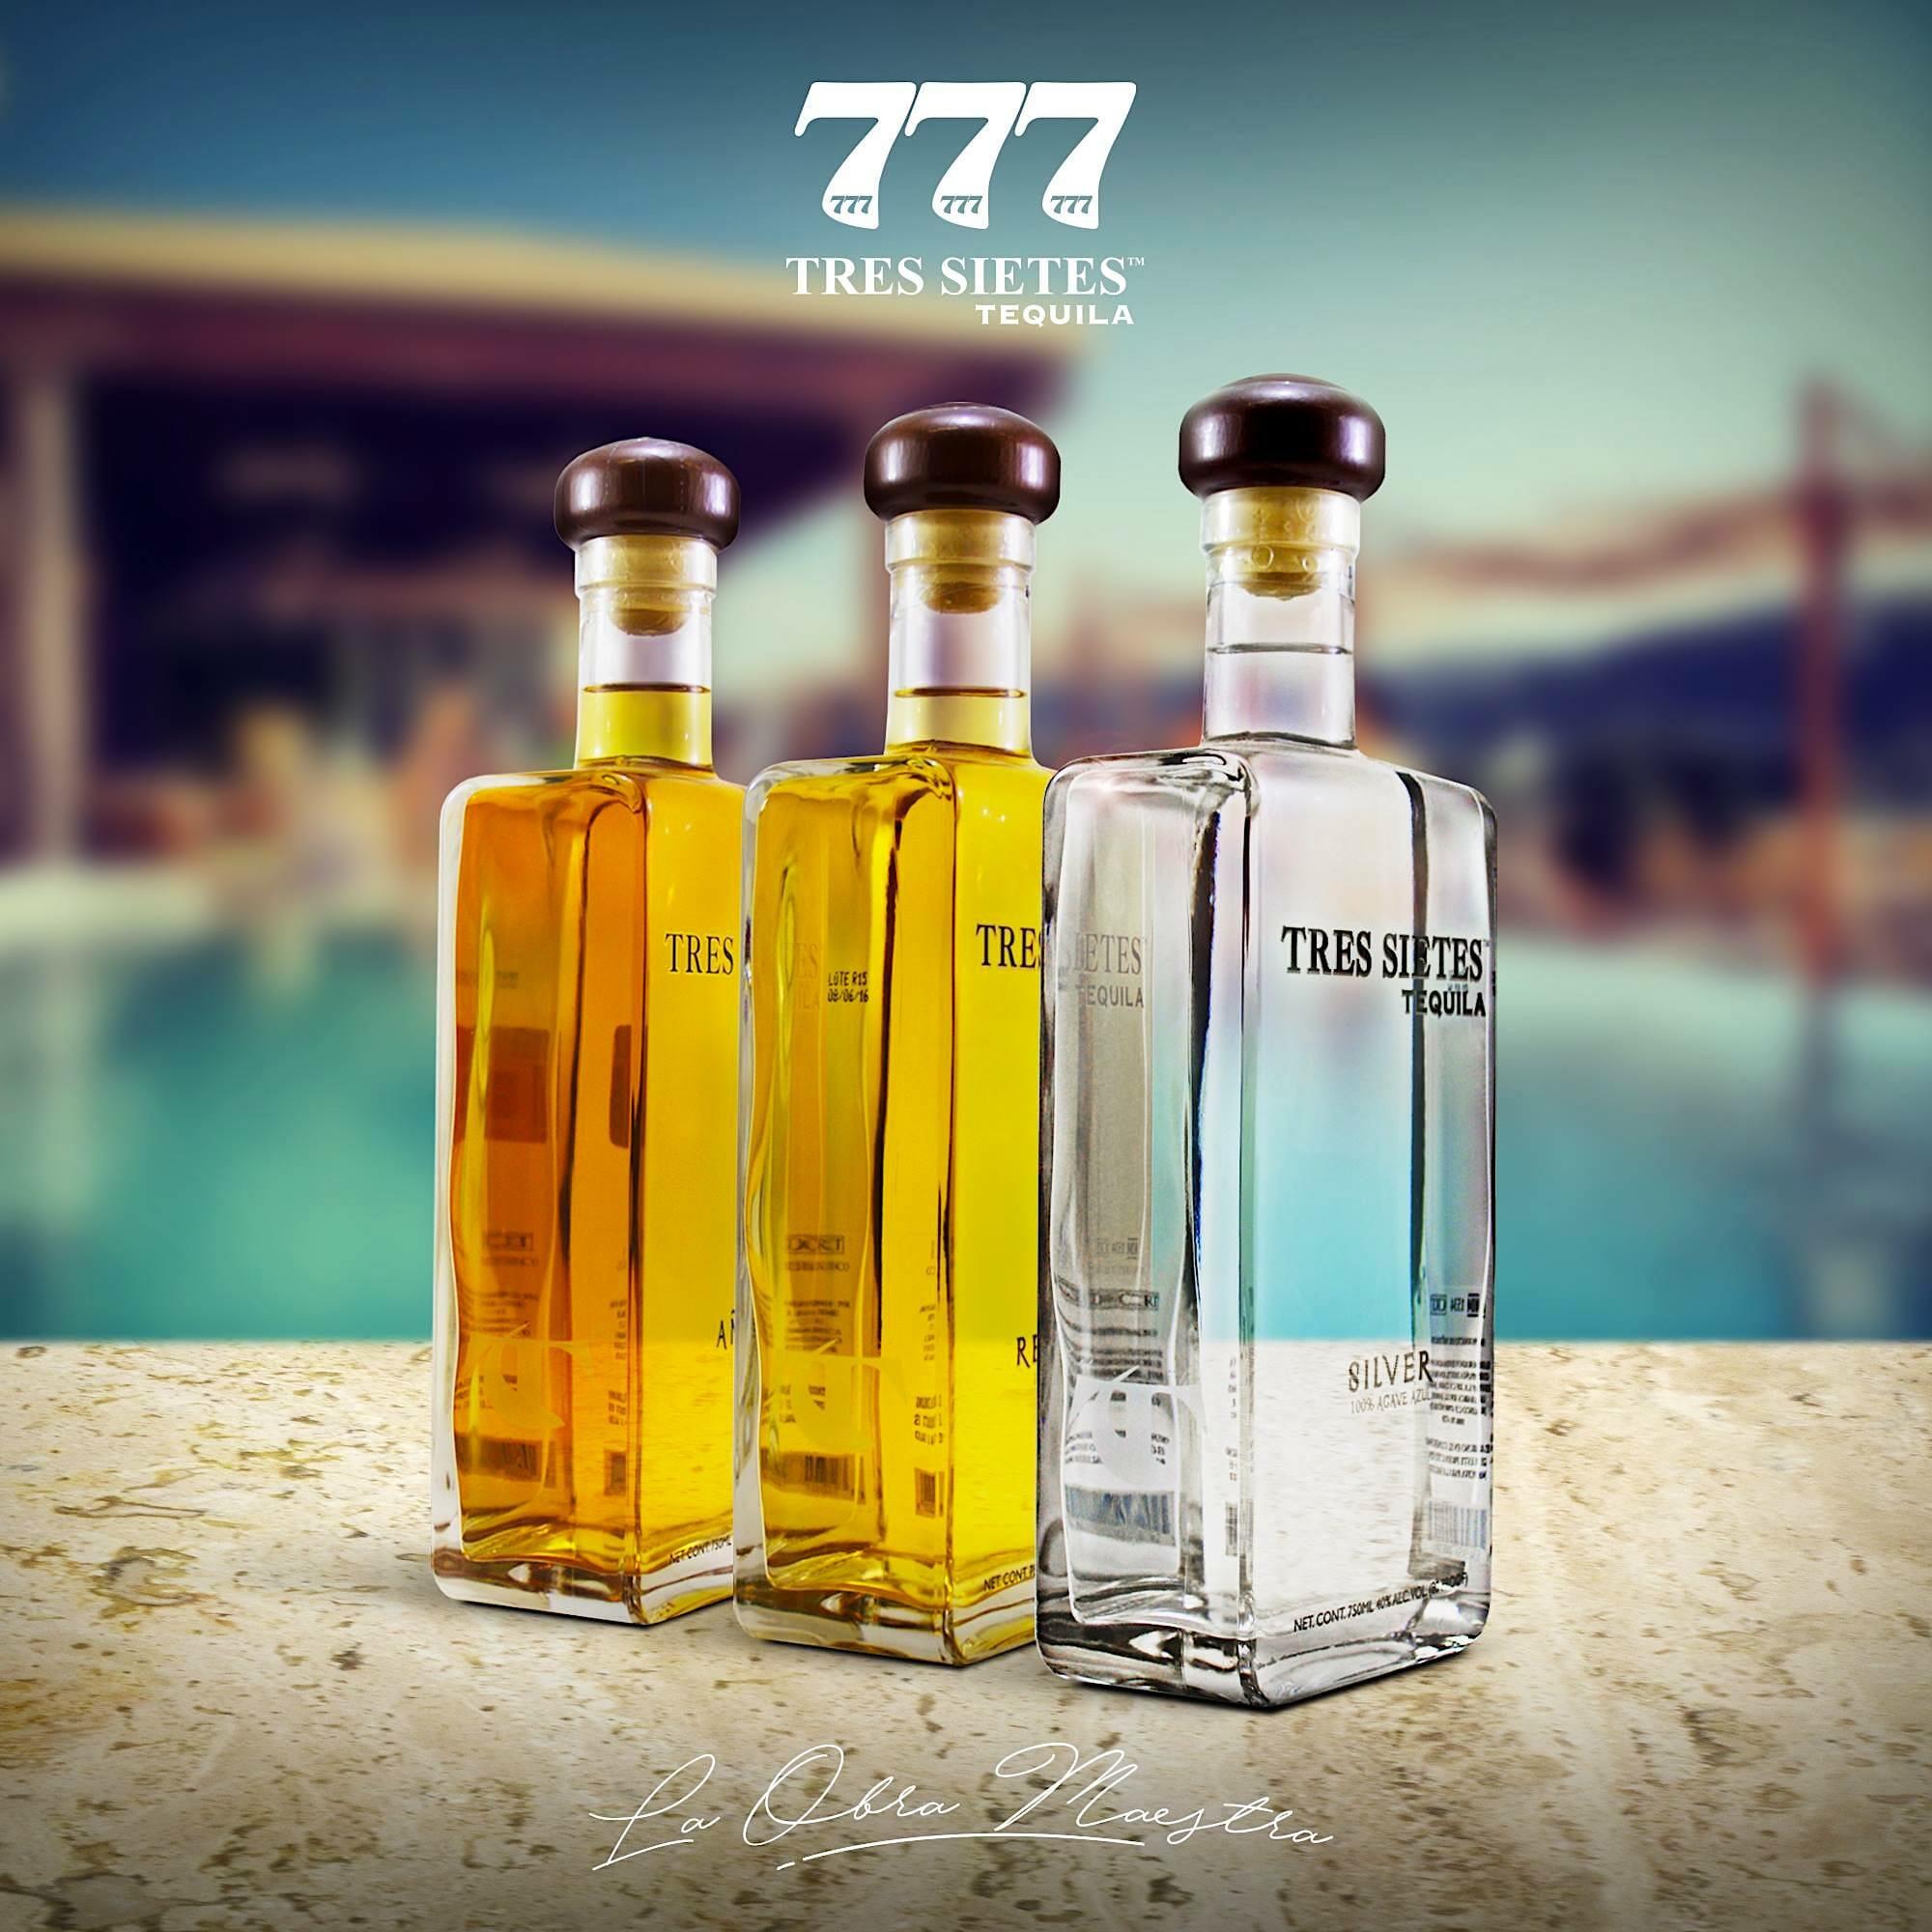 Tequila TRES SIETES 777 Monaco Launch